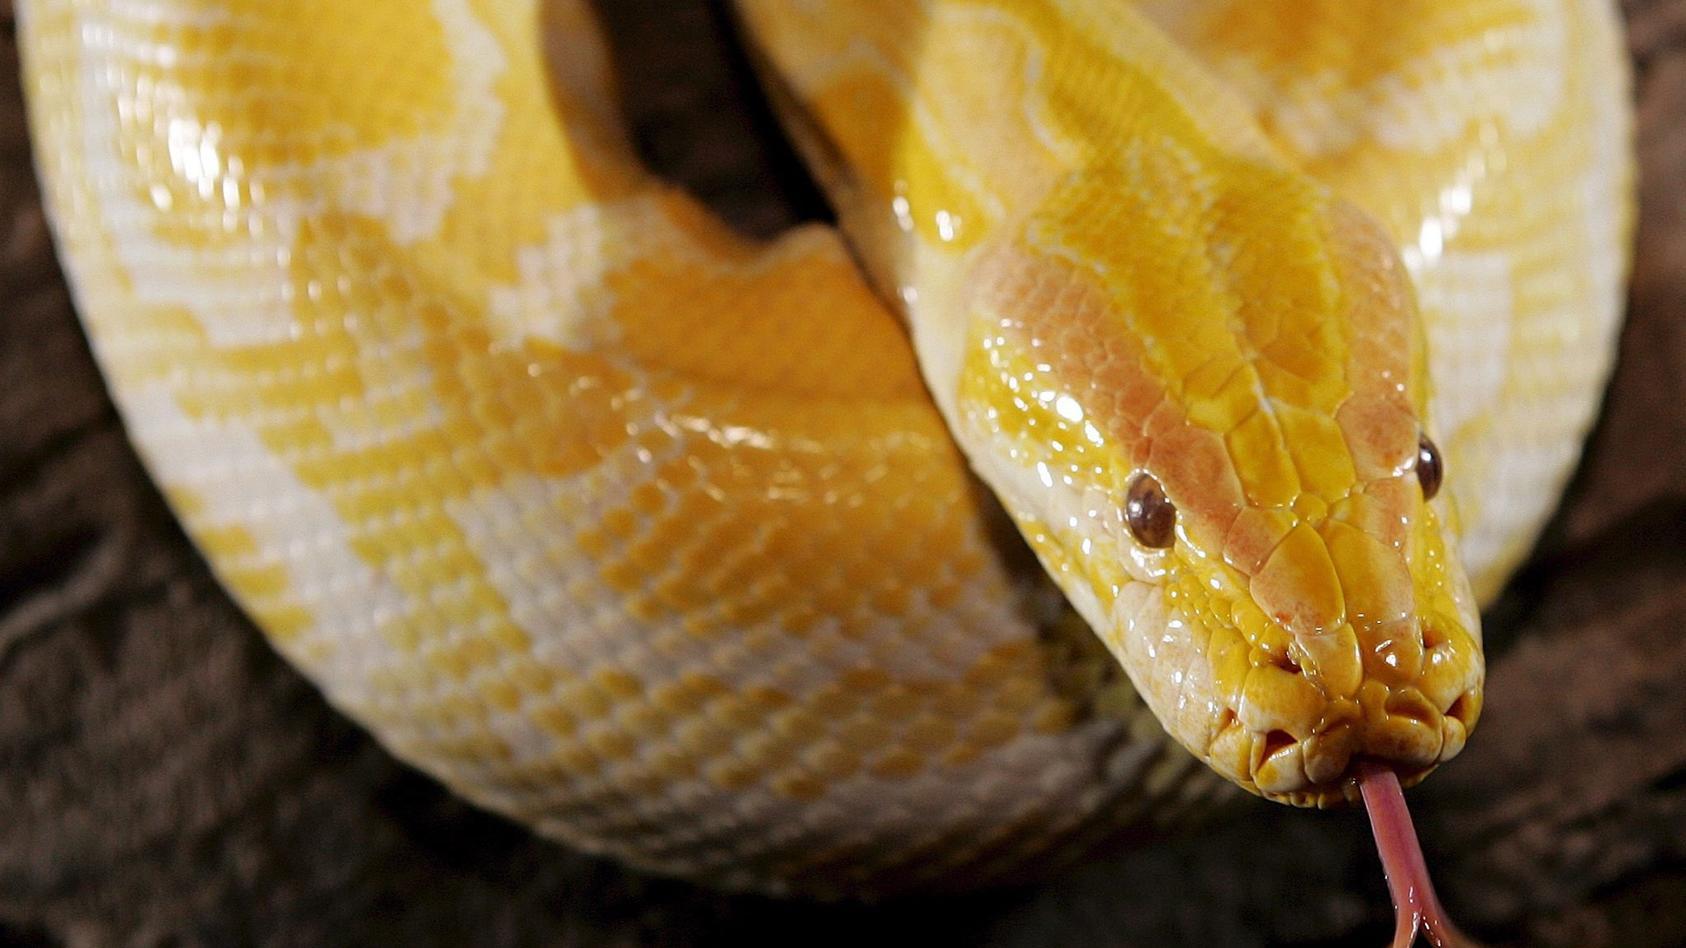 eine-python-schleicht-durch-dem-garten-ihres-besitzers-foto-markus-scholzdpasymbolbild